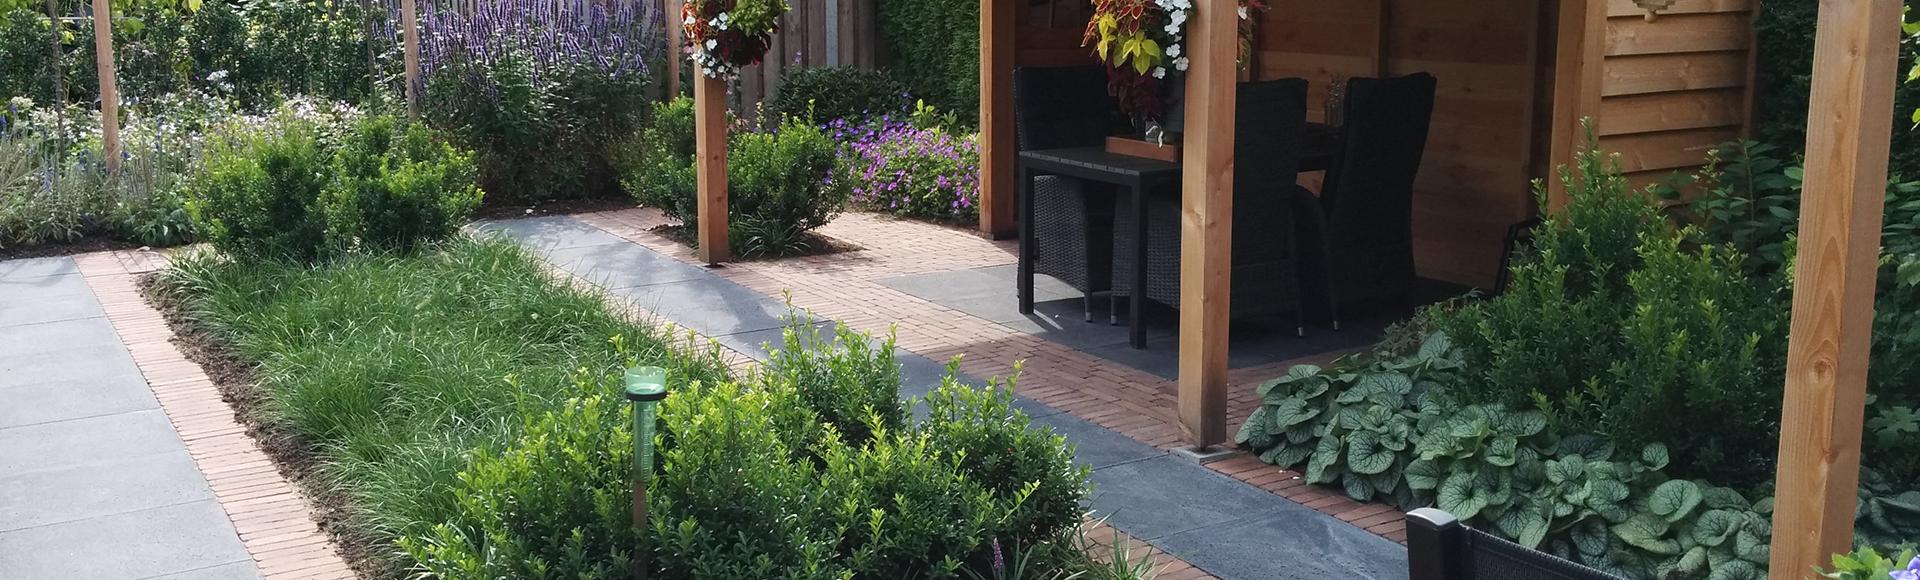 Tuinontwerp en beplantingsplan - Tuin ontwerp foto ...